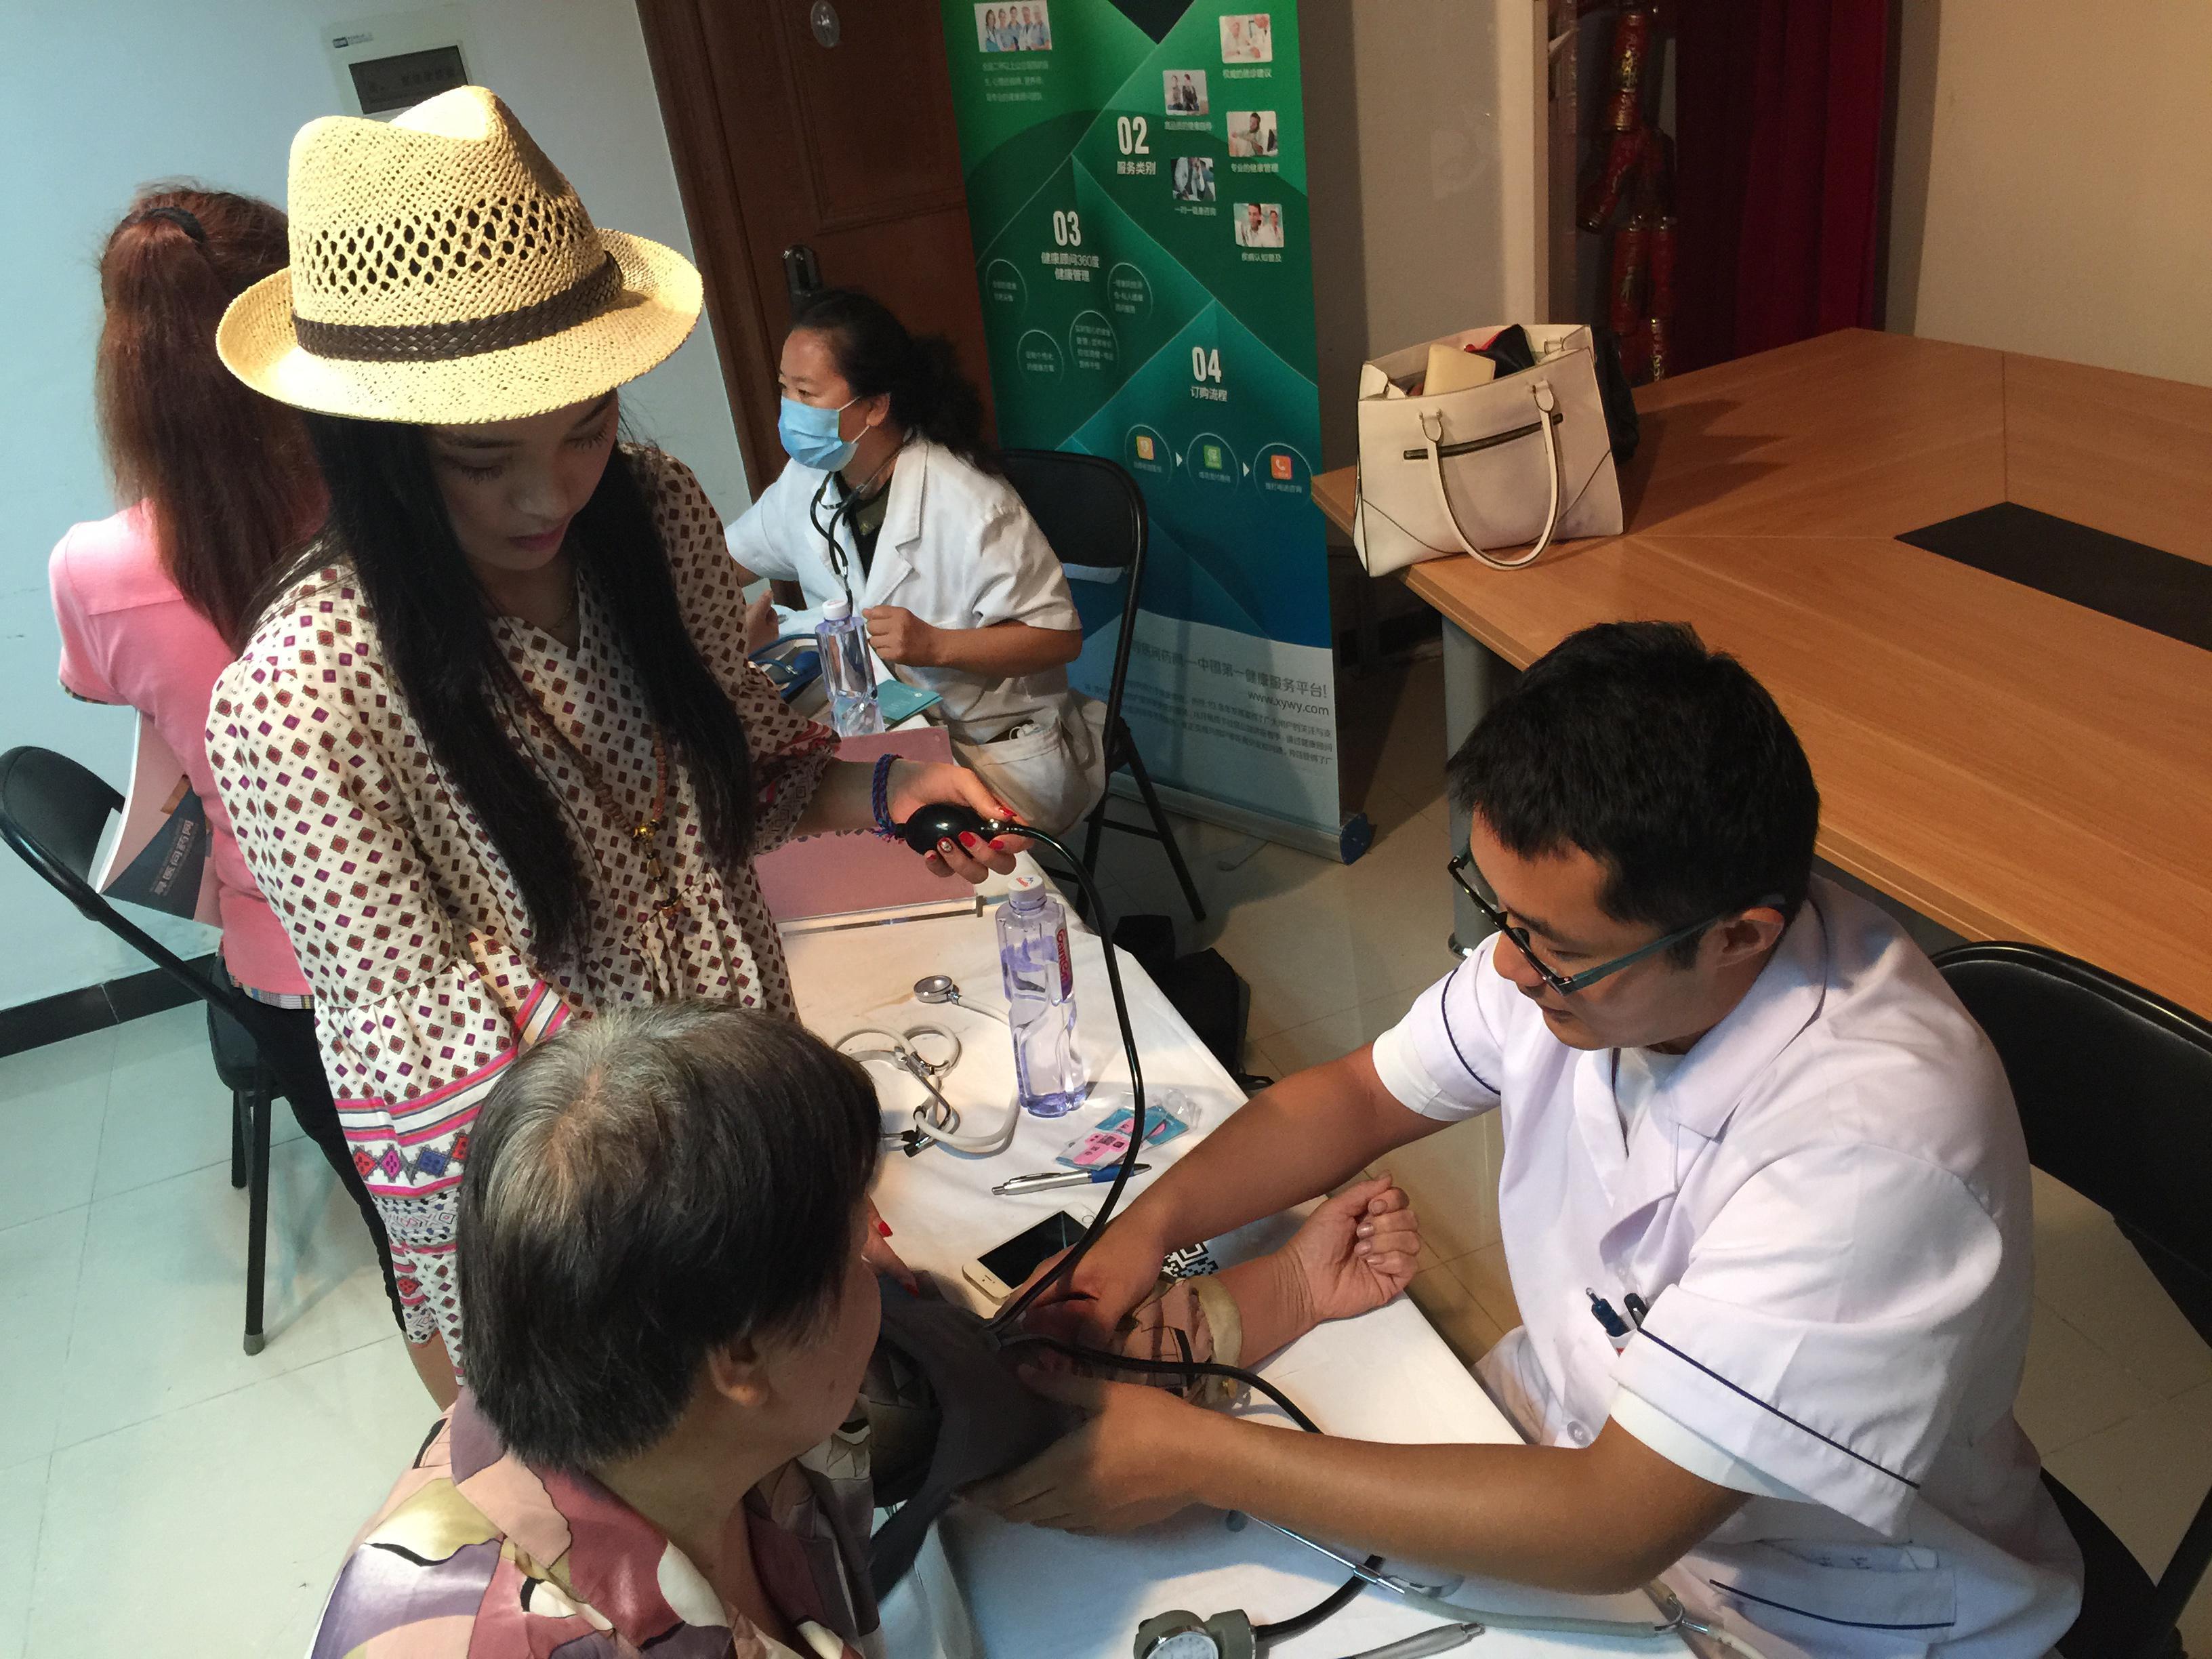 寻医问药网的工作人员辅助着医生为居民测量血压。